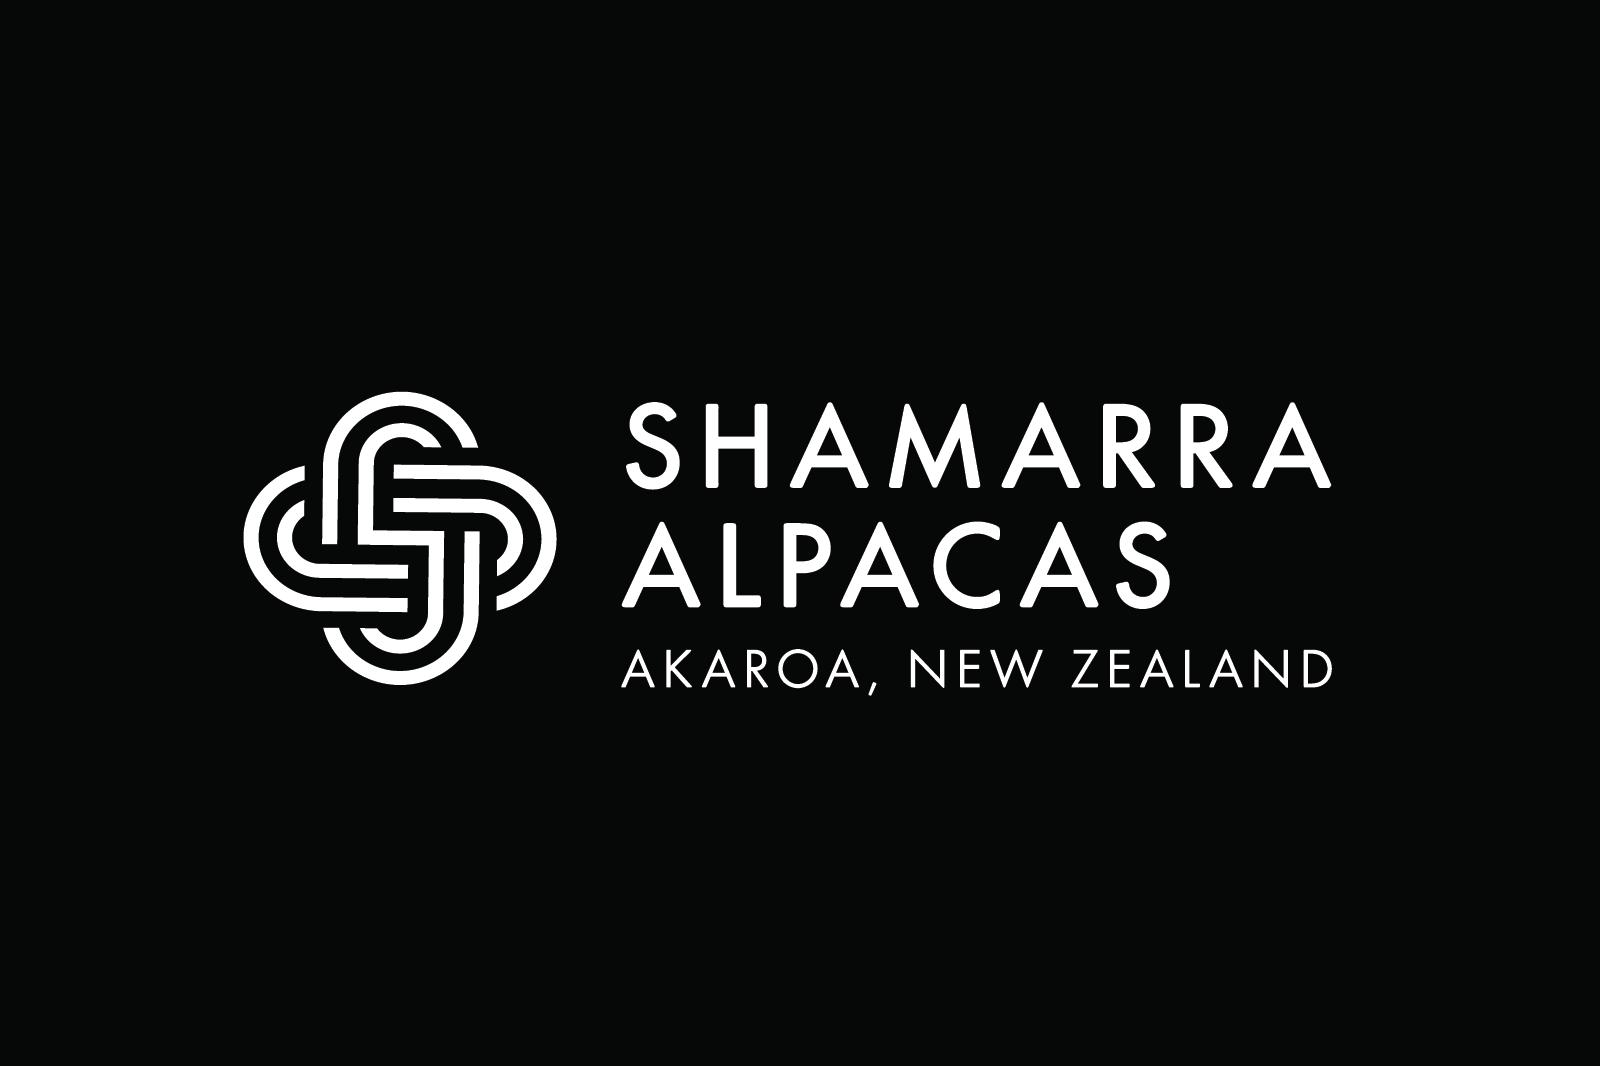 Shamarra Alpacas Logo Design Black